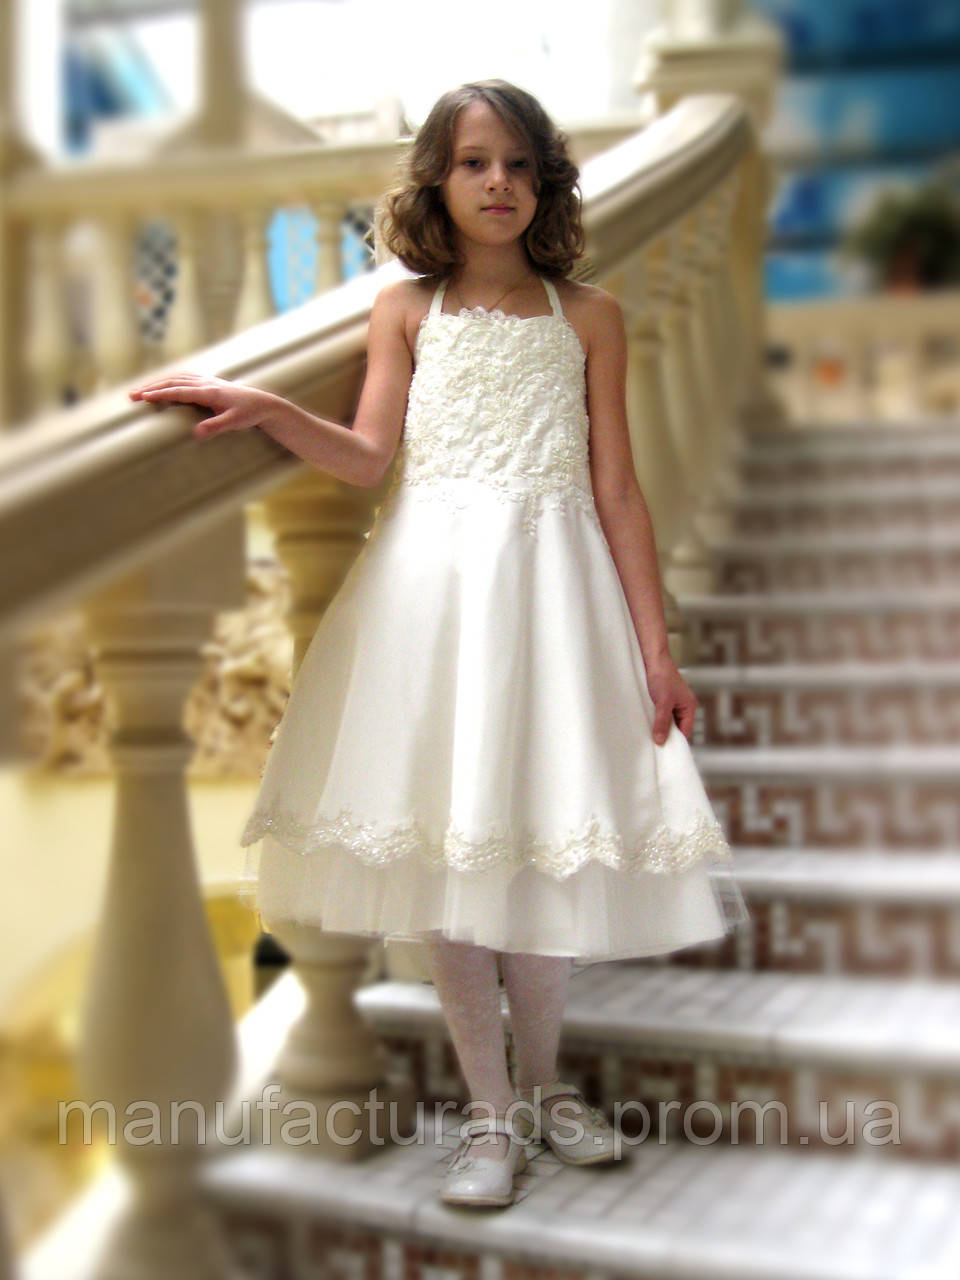 Платье На Выпускной В Садик Купить